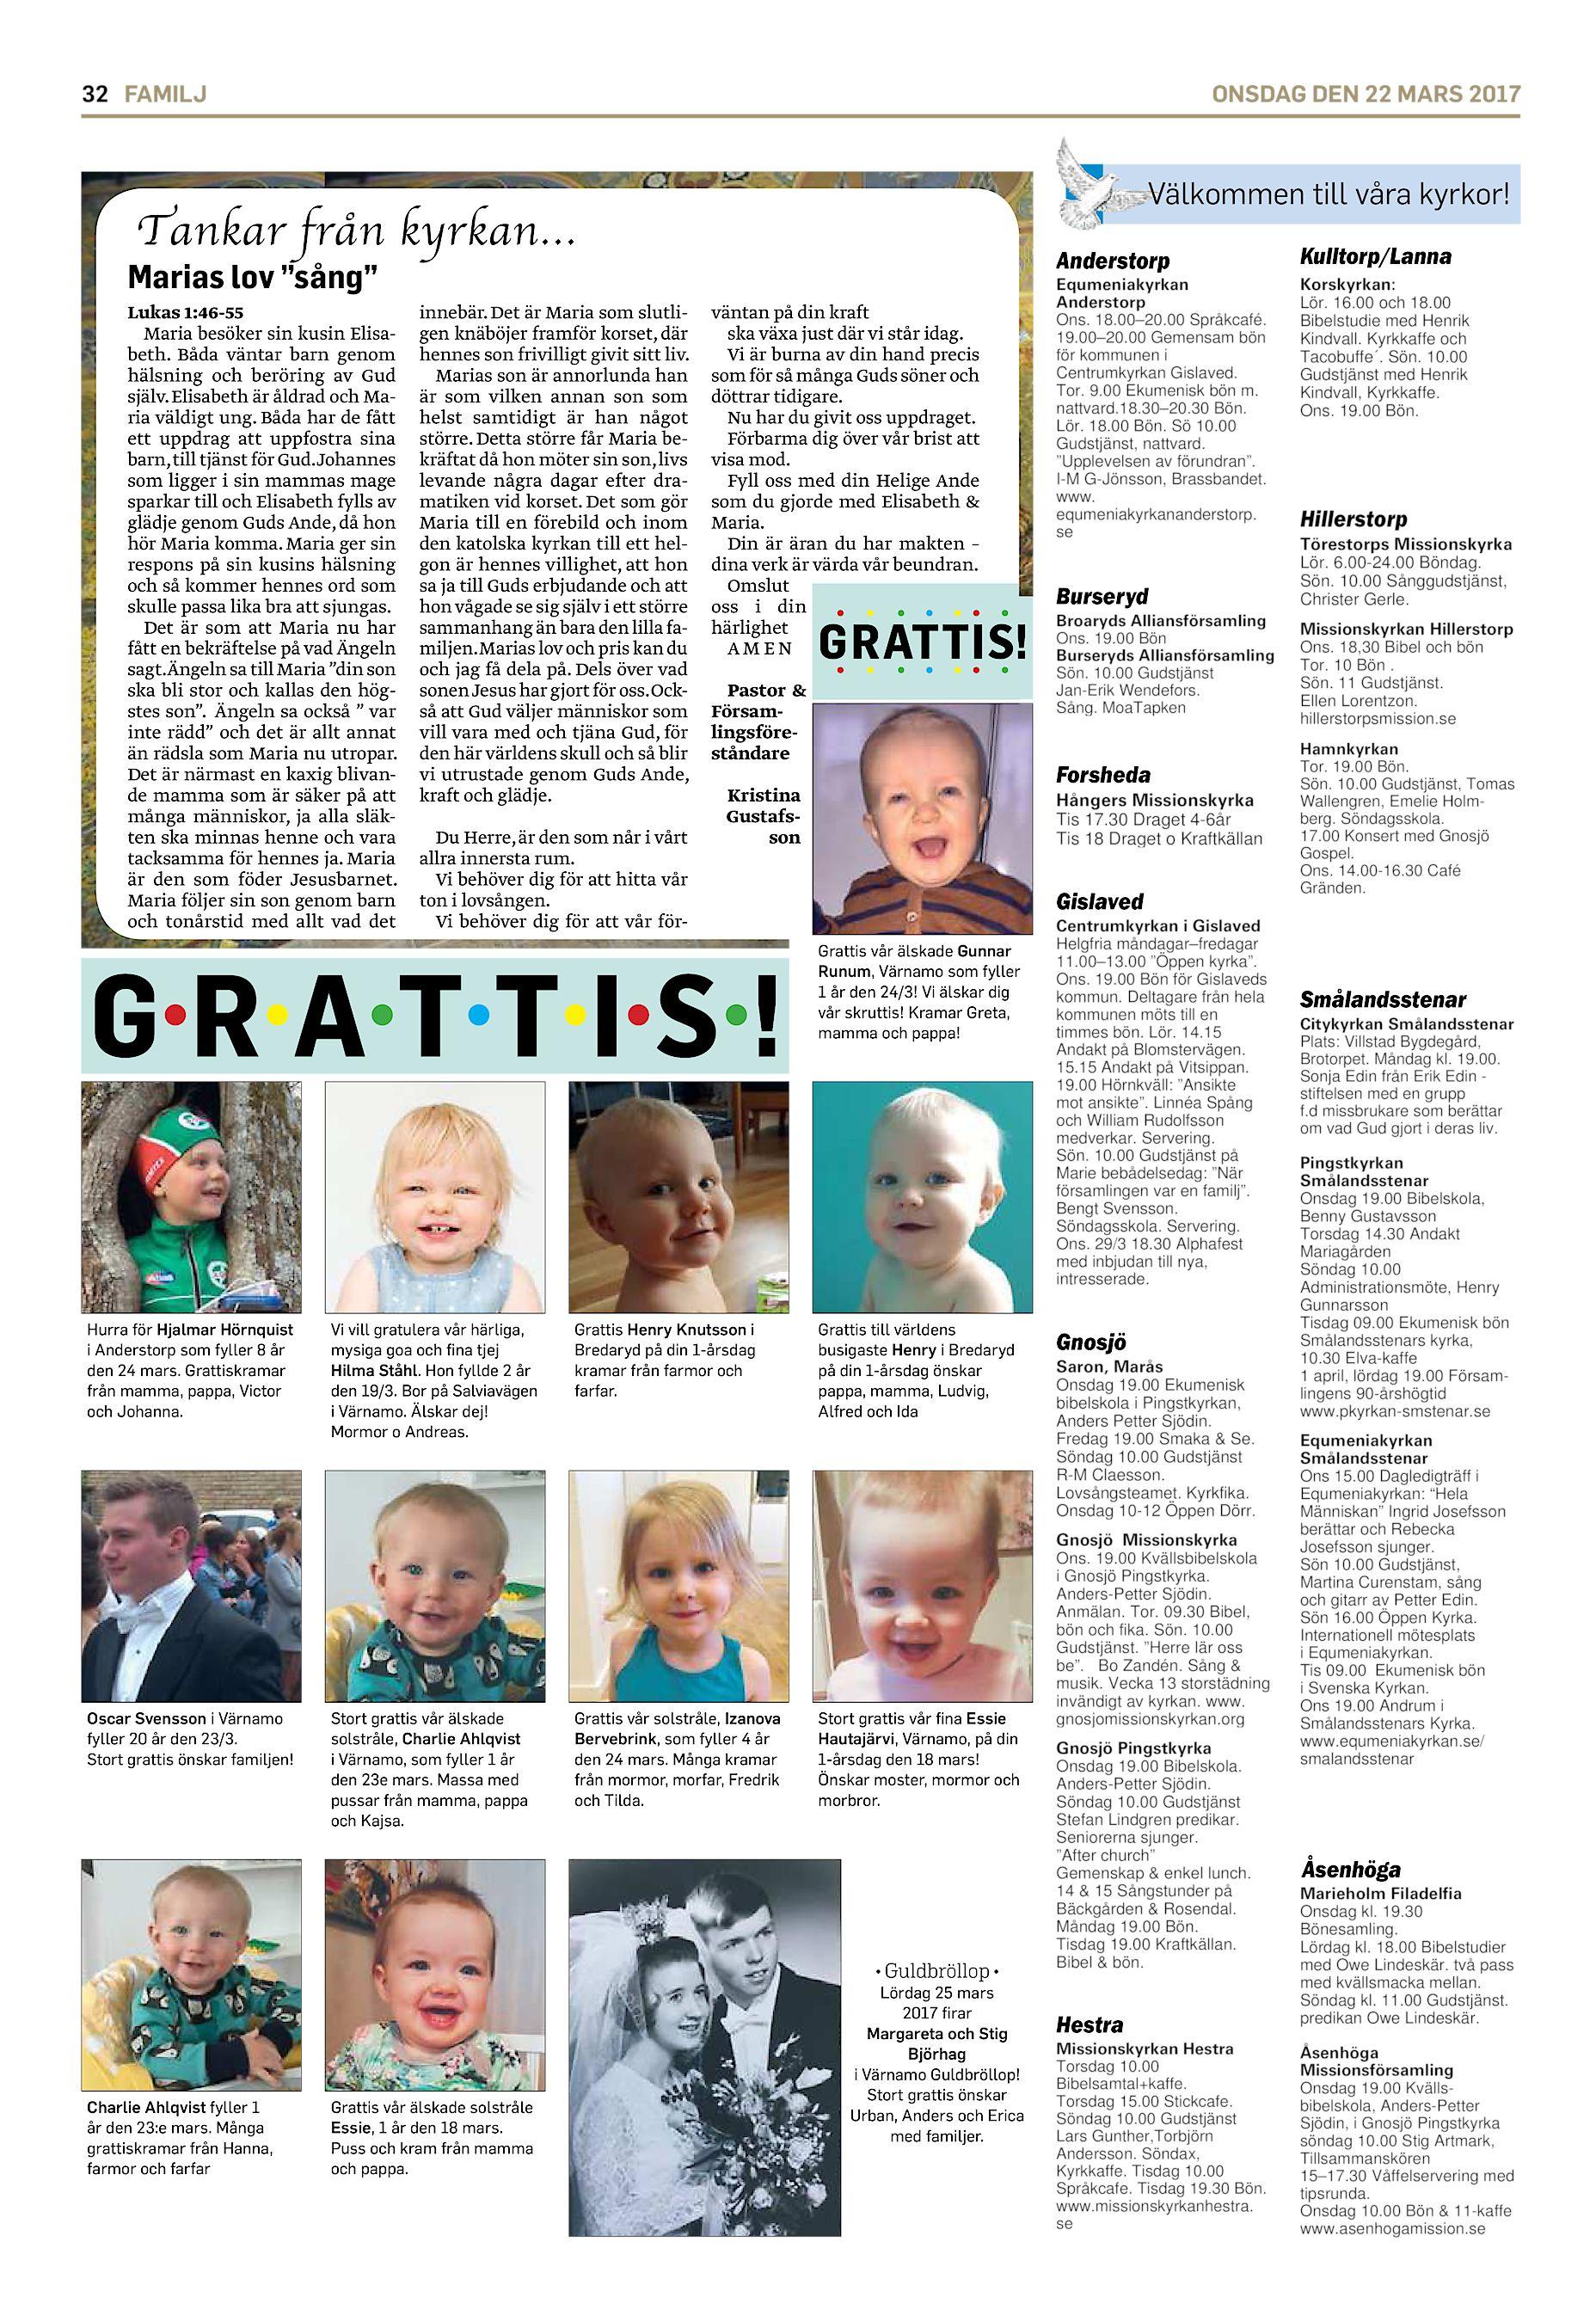 Maria Sandtjrn, Lycksvgen 16A, Anderstorp | garagesale24.net